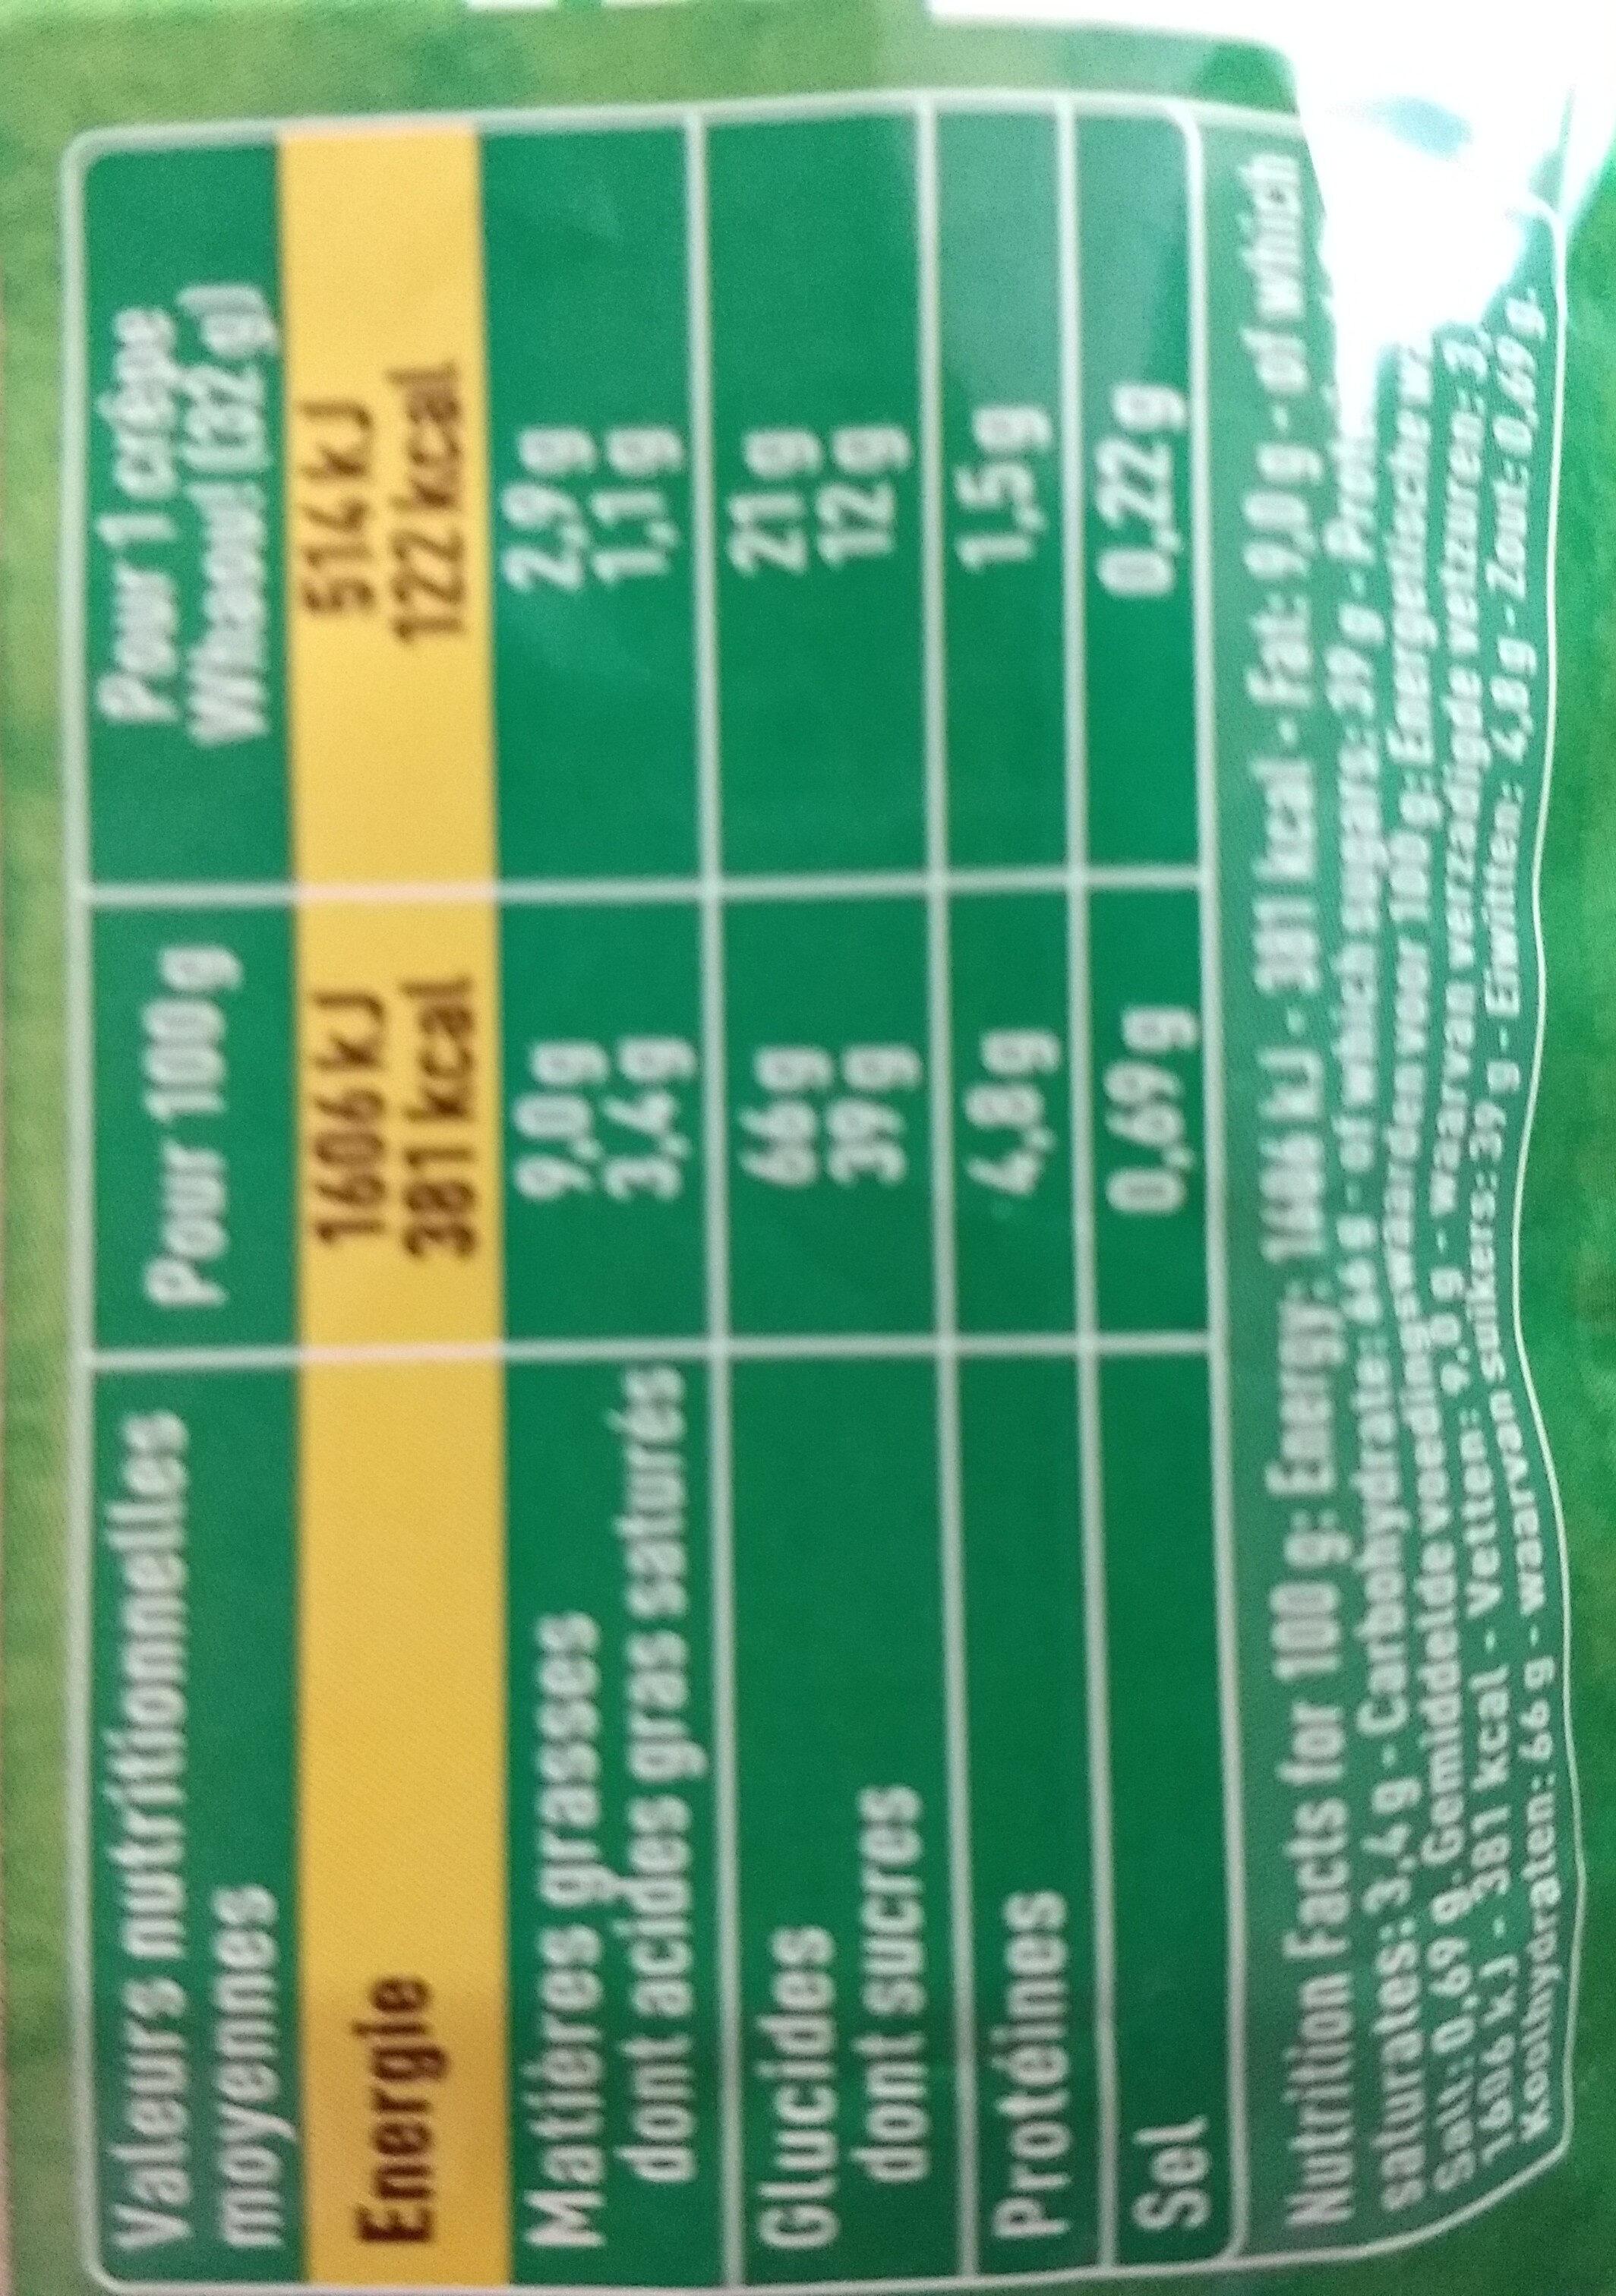 Crêpes à la compote - Nutrition facts